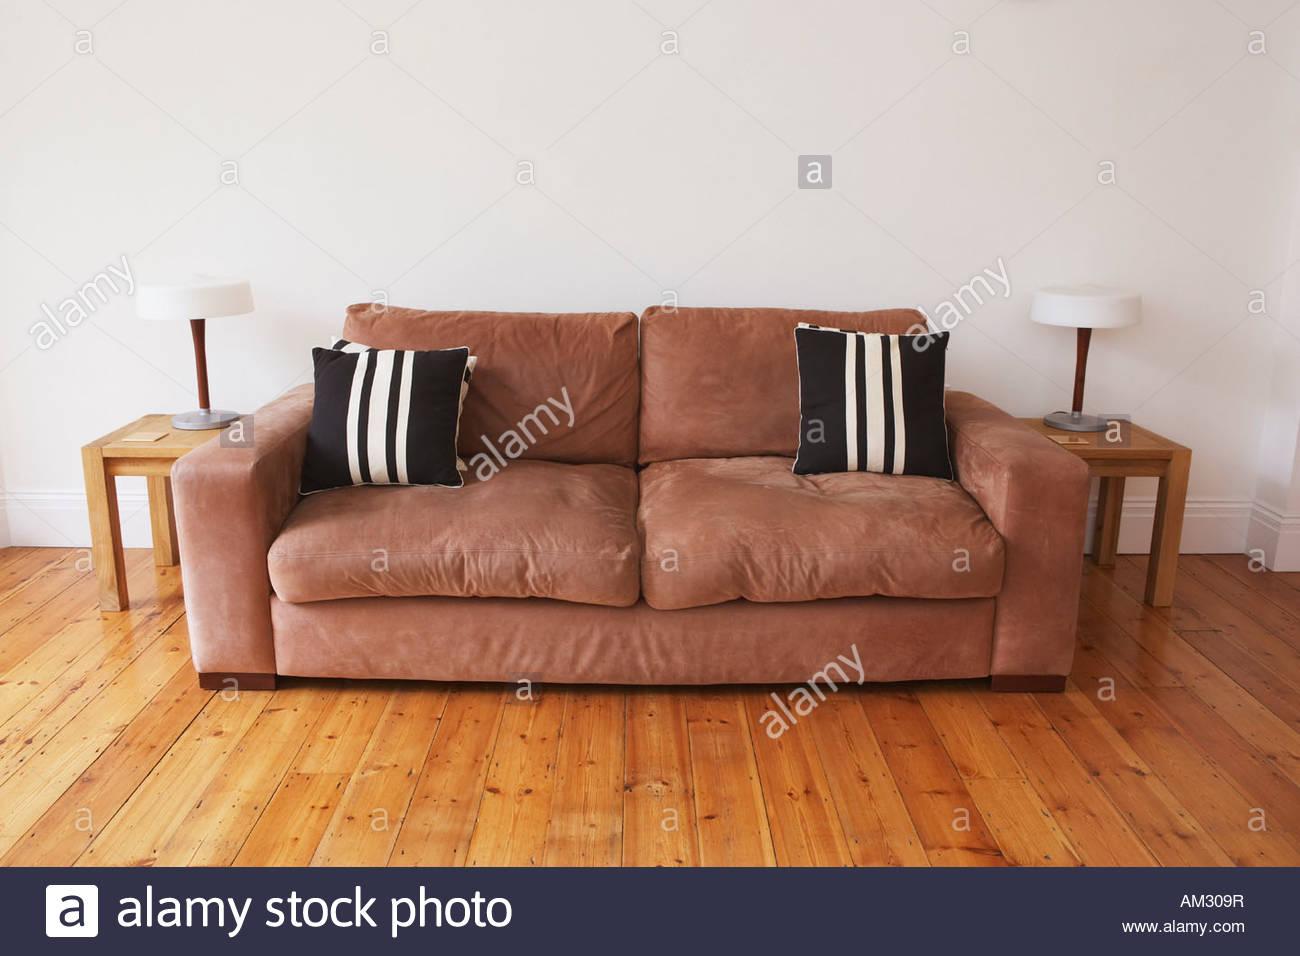 Leeren Wohnzimmer mit Couch und Beistelltische Stockbild